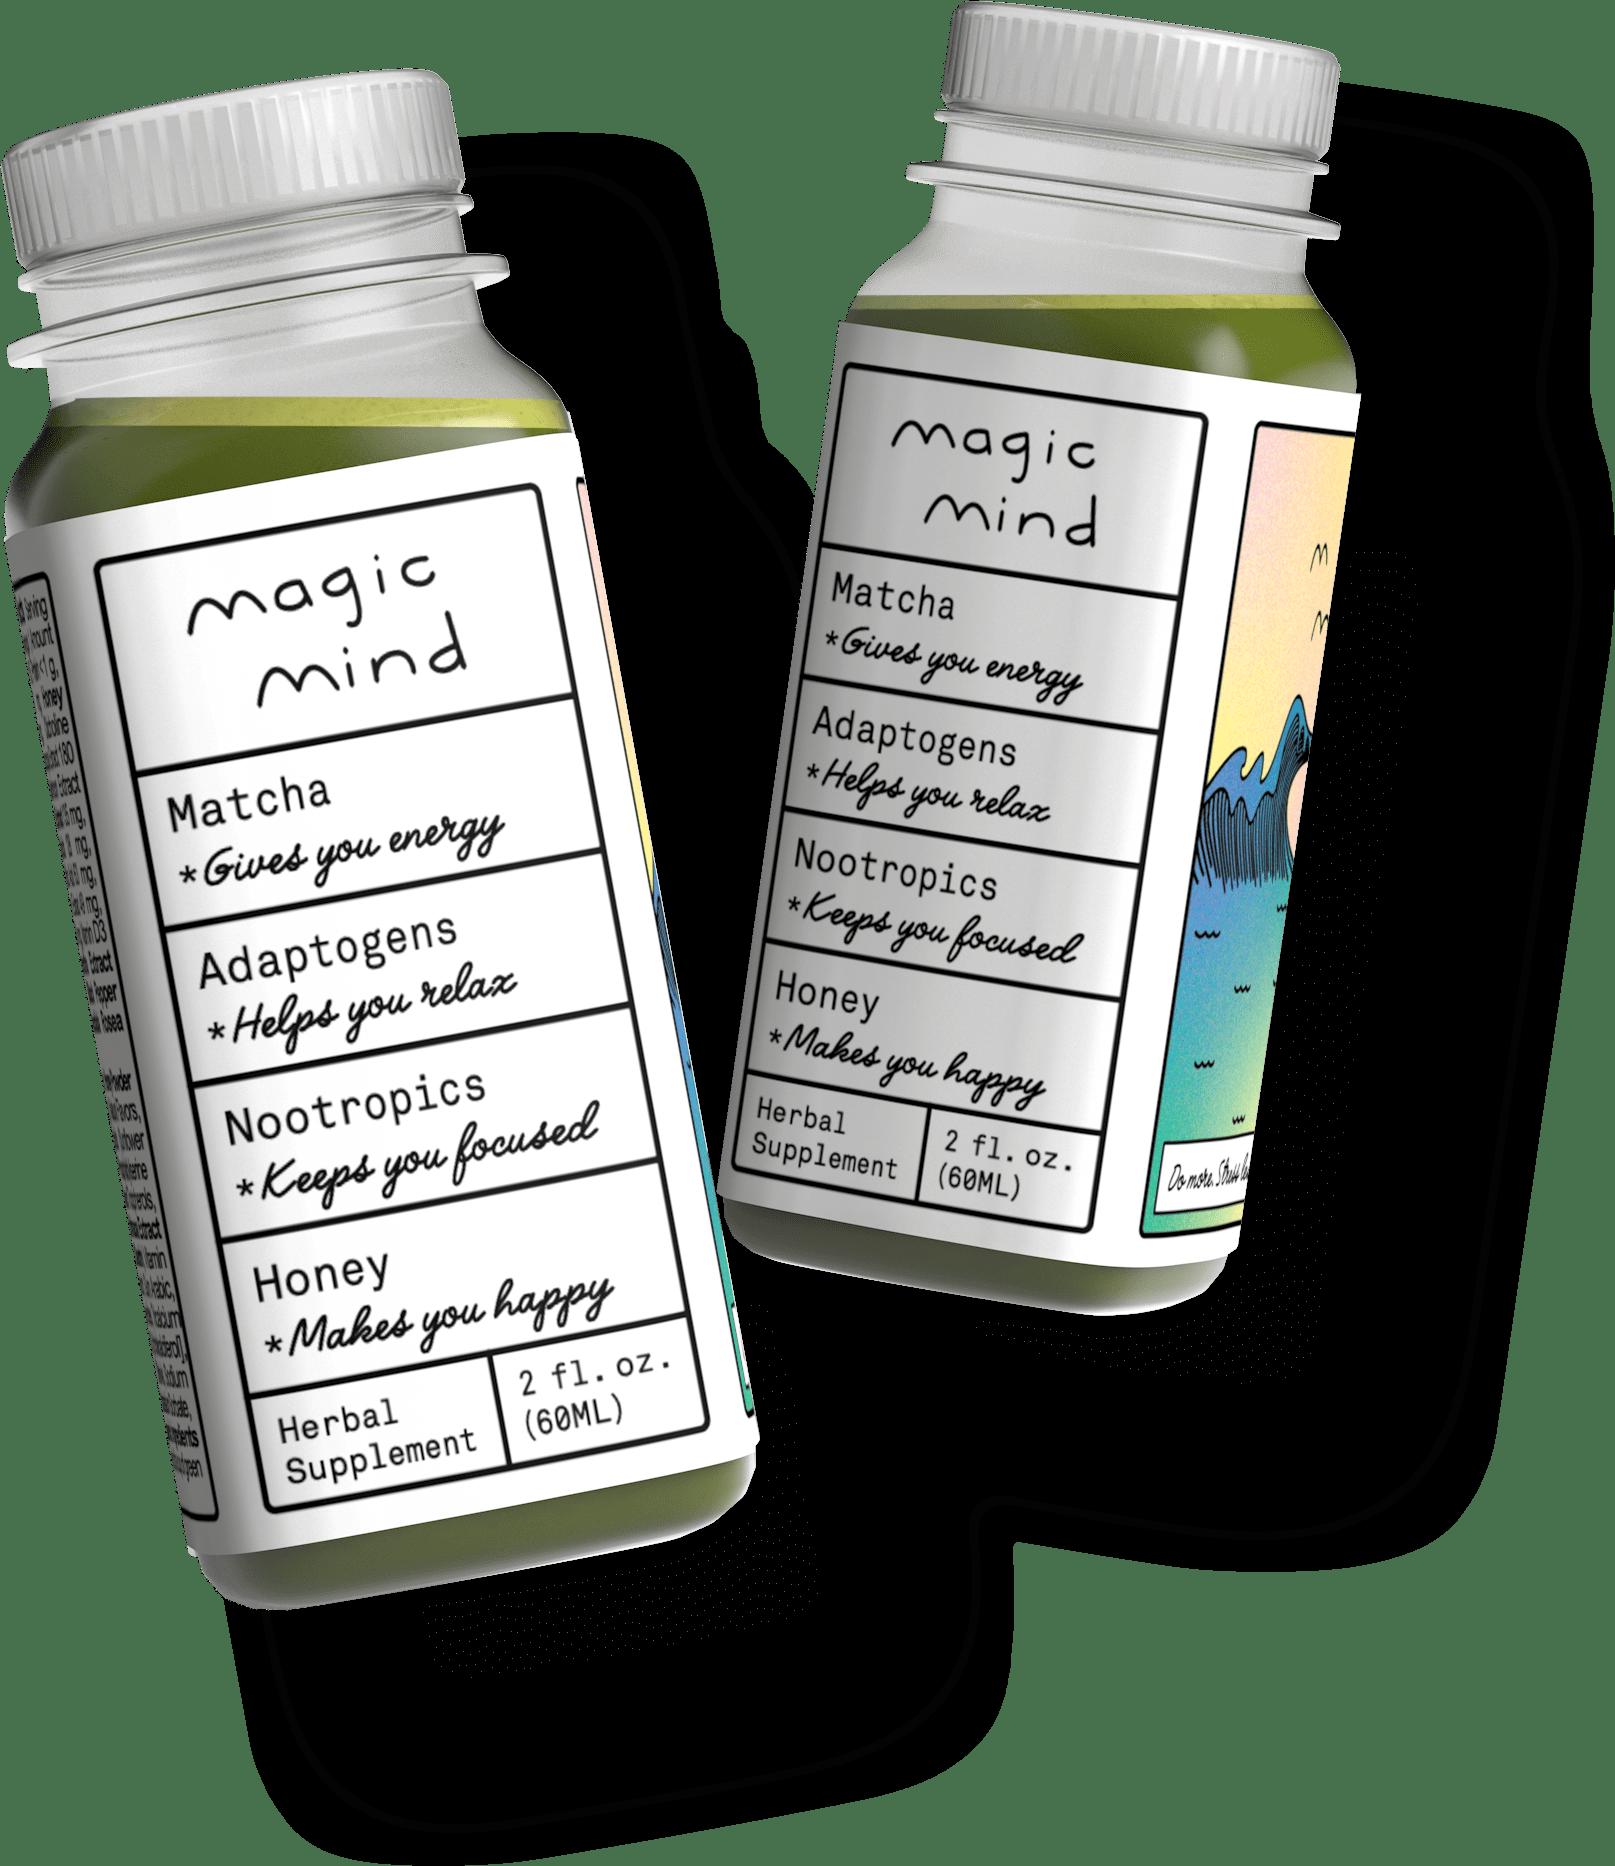 3d Render of two Magic Mind bottles.